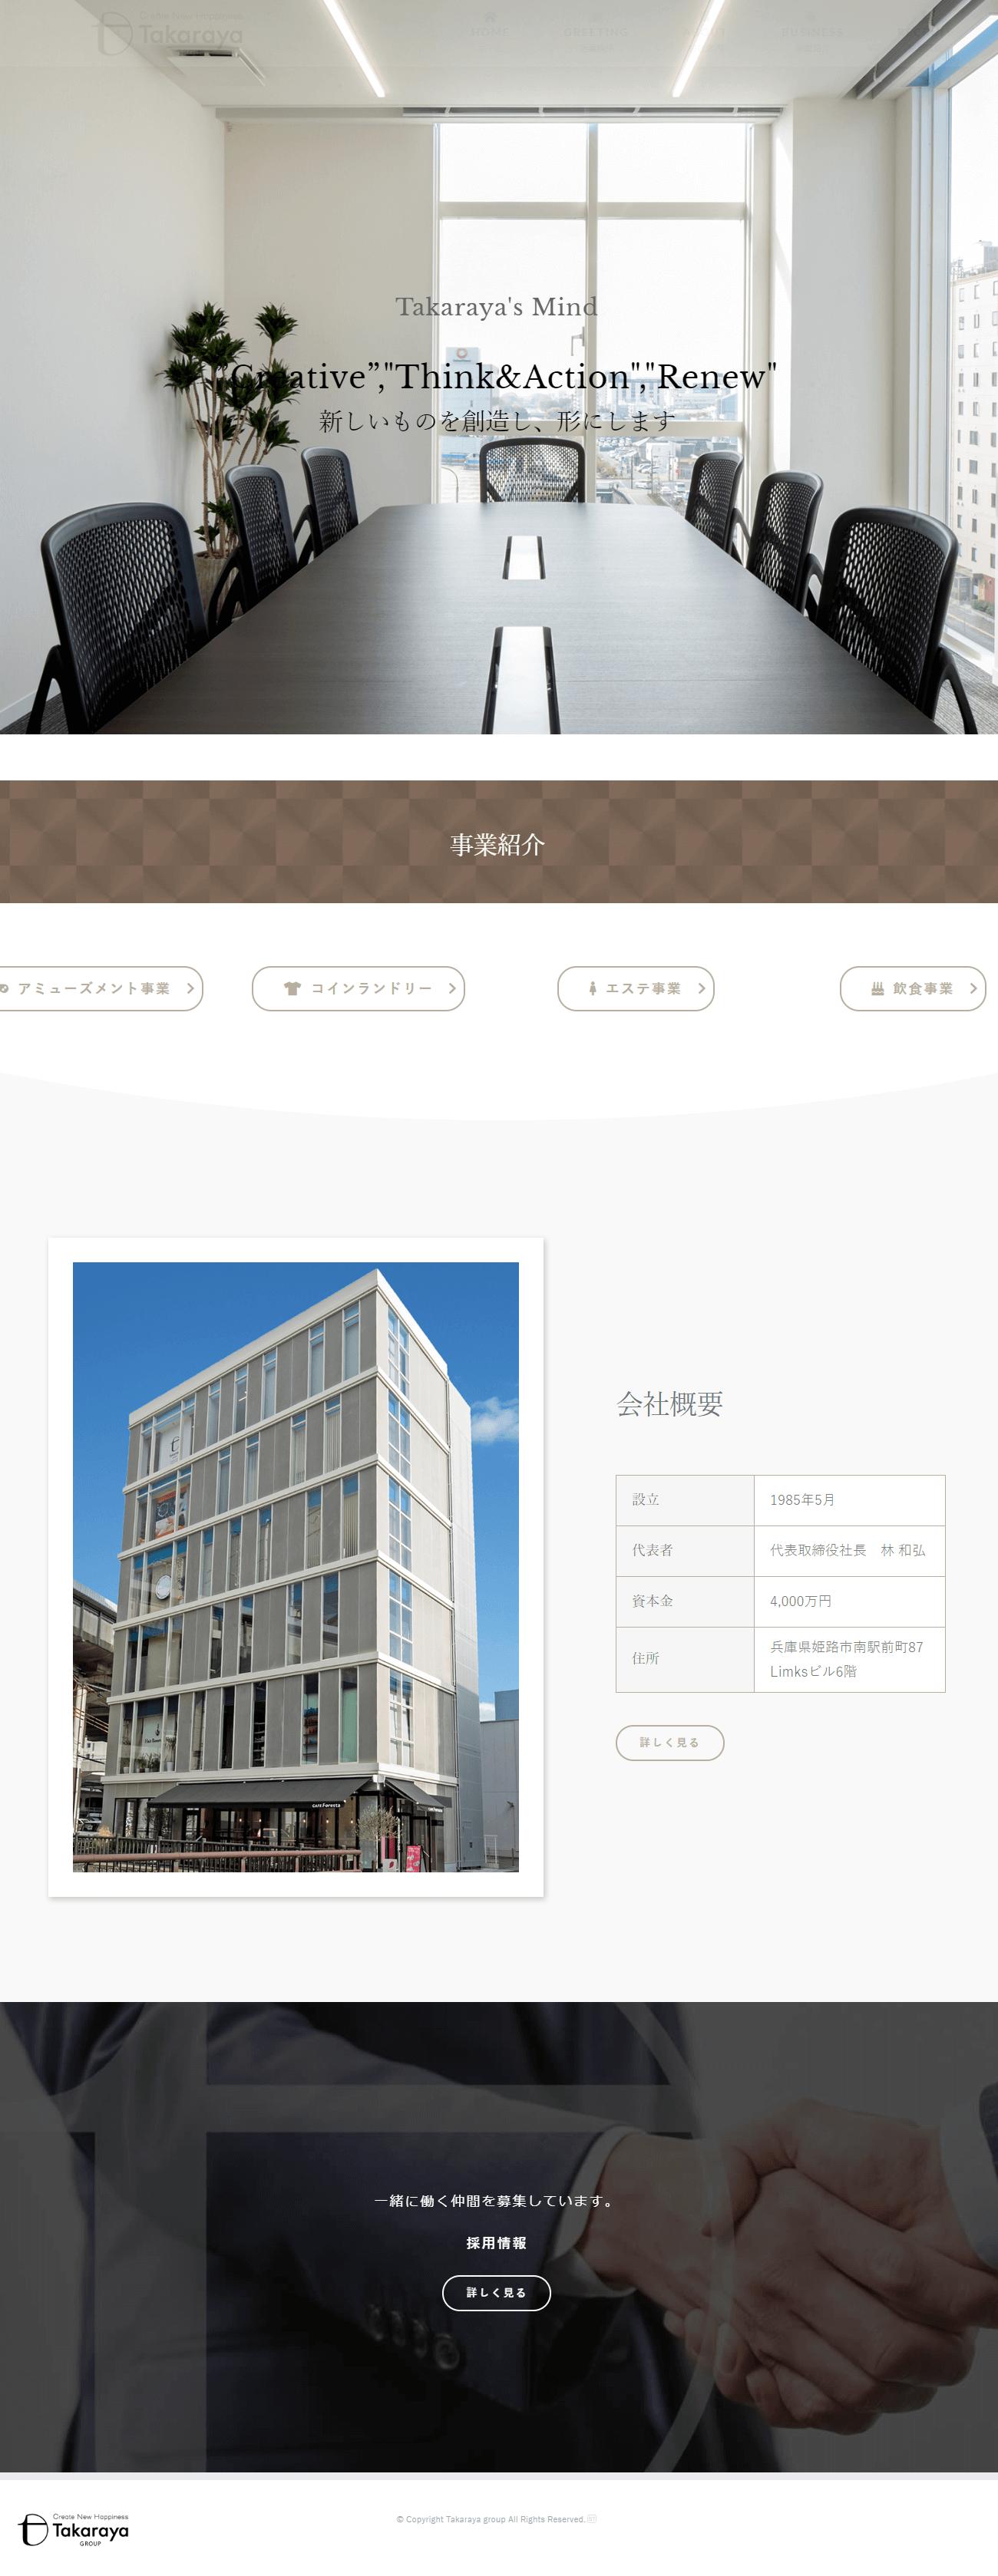 姫路市 株式会社タカラヤグループ ホームページ制作1